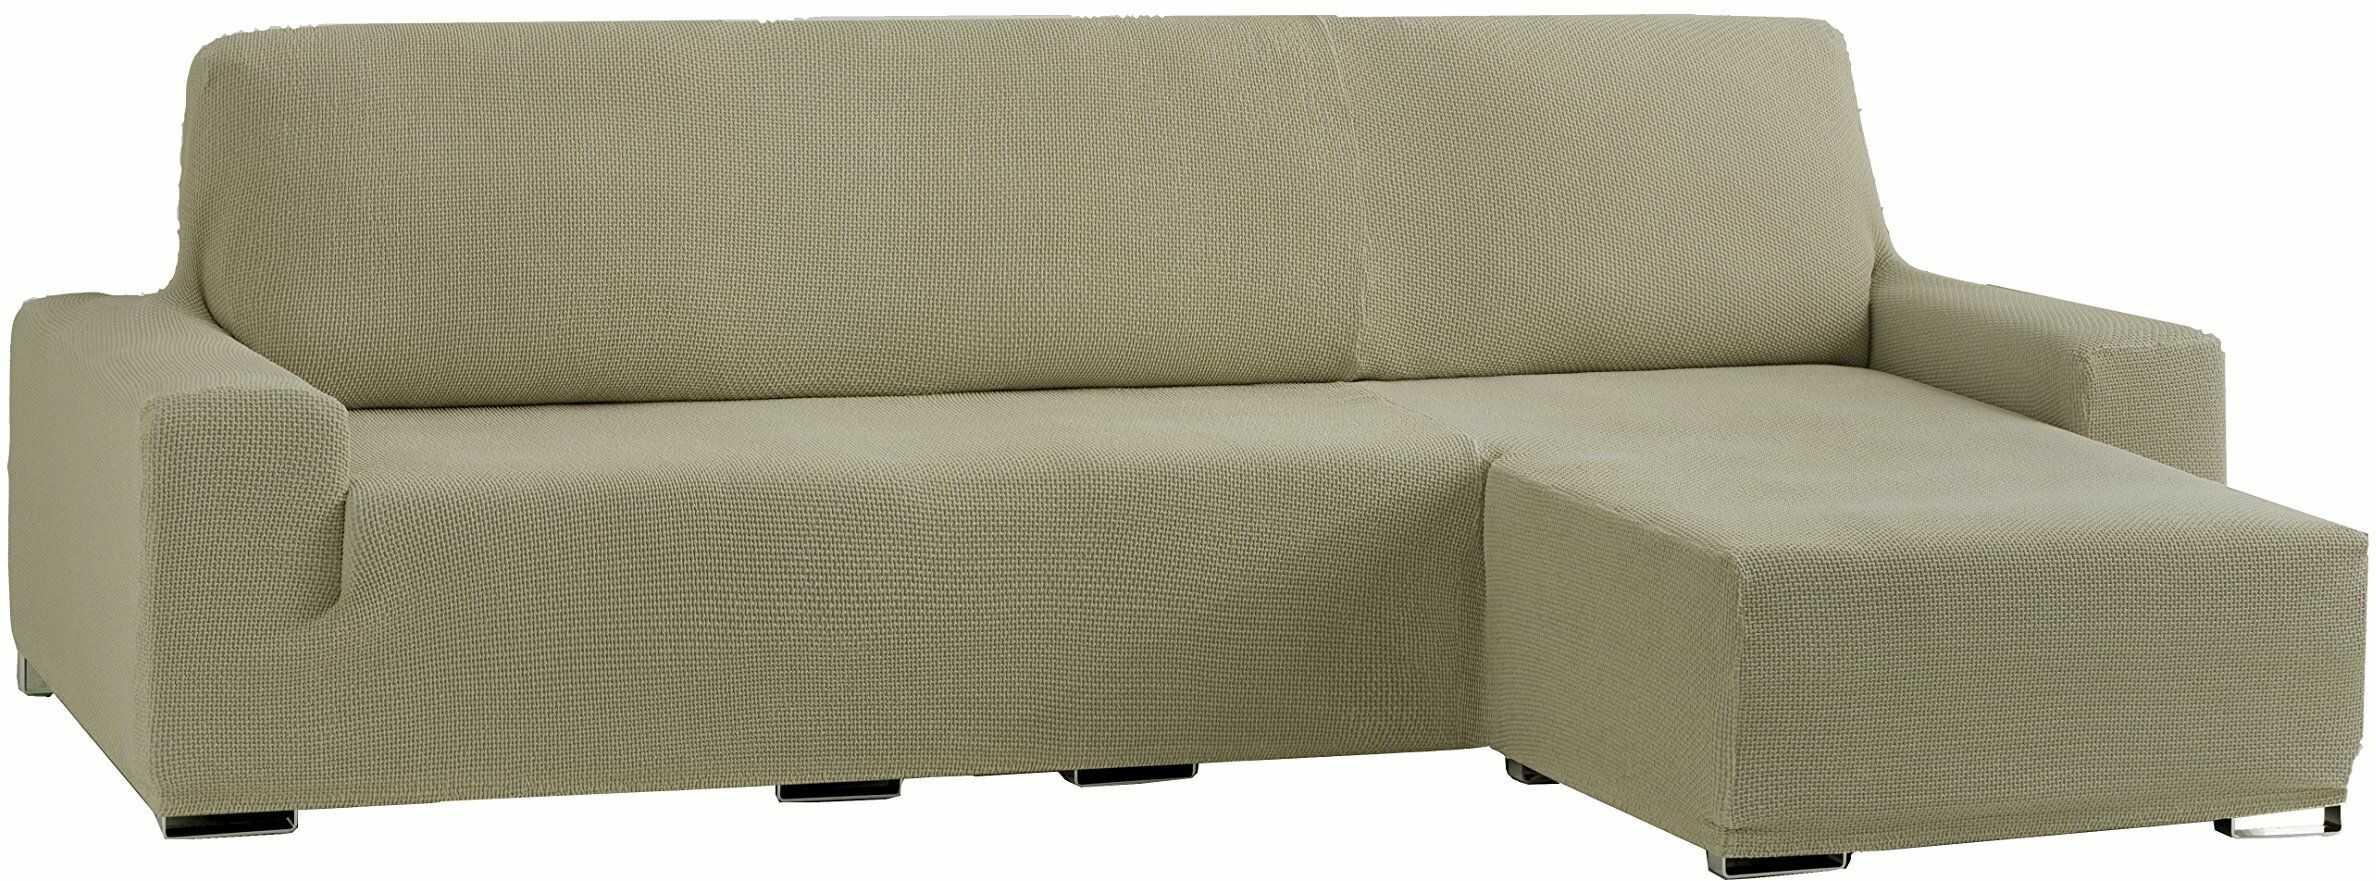 Eysa Cora Bi-elastyczny szezlong, krótkie ramię, z prawej strony, poliester, bawełna, len, 39 x 35 x 19 cm